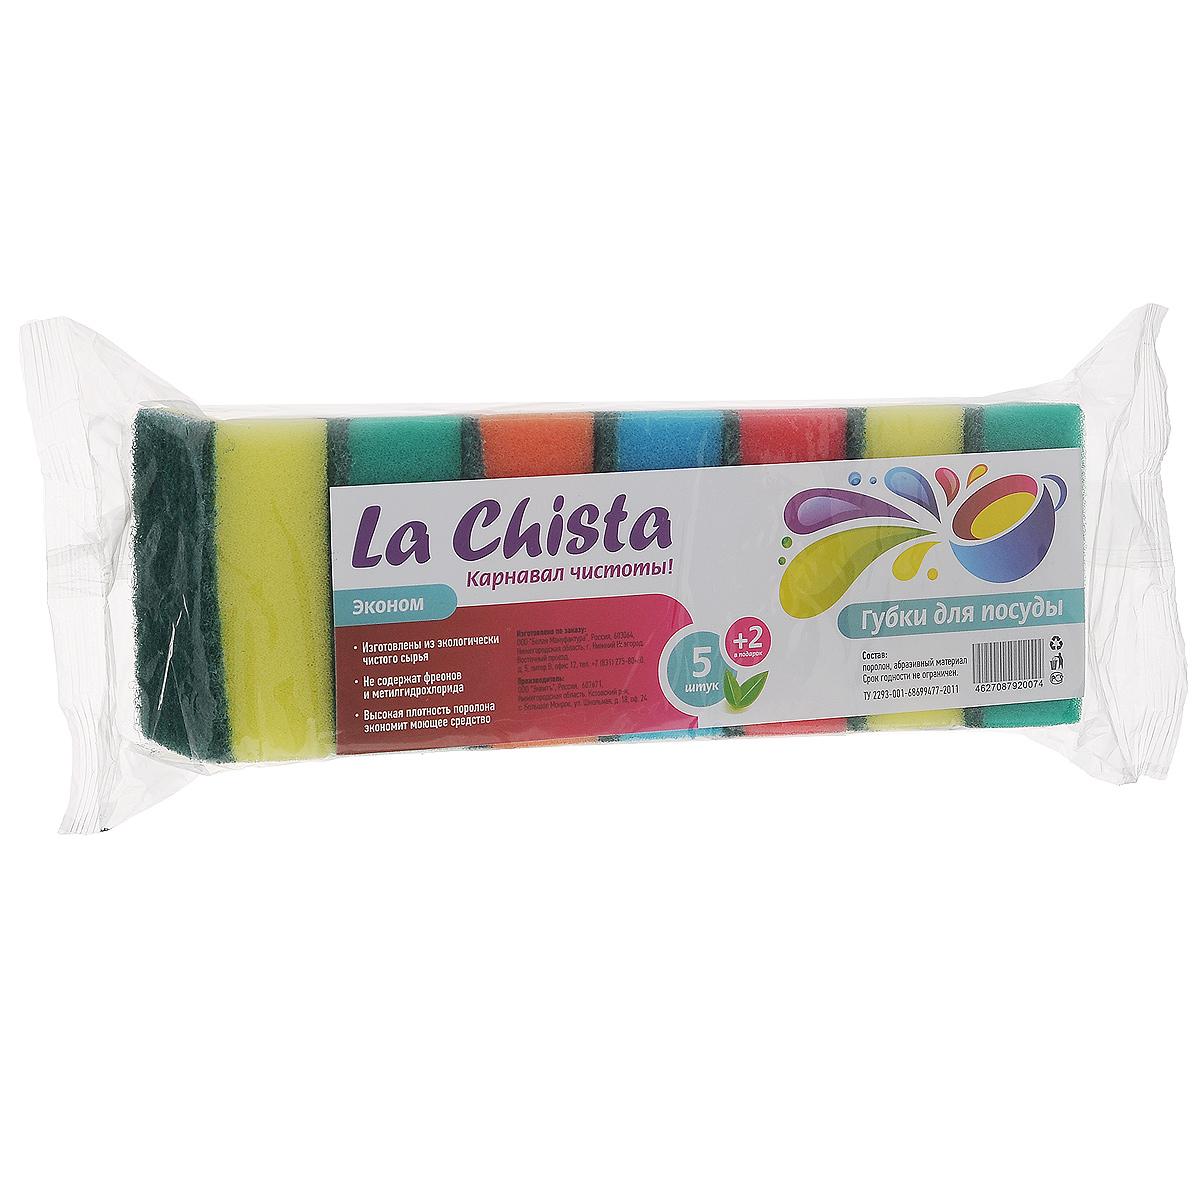 Губки для посуды La Chista Эконом, 7 шт870087Набор La Chista Эконом, изготовленный из мягкого поролона с абразивными материалами, состоит из 7 губок. Губки предназначены для уборки и мытья посуды. Они идеально удаляют жир, грязь и пригоревшую пищу. Особенности: Изготовлены из экологически чистого сырья. Не содержит фреонов и метилгидрохлорида. Высокая плотность поролона экономит моющее средство.